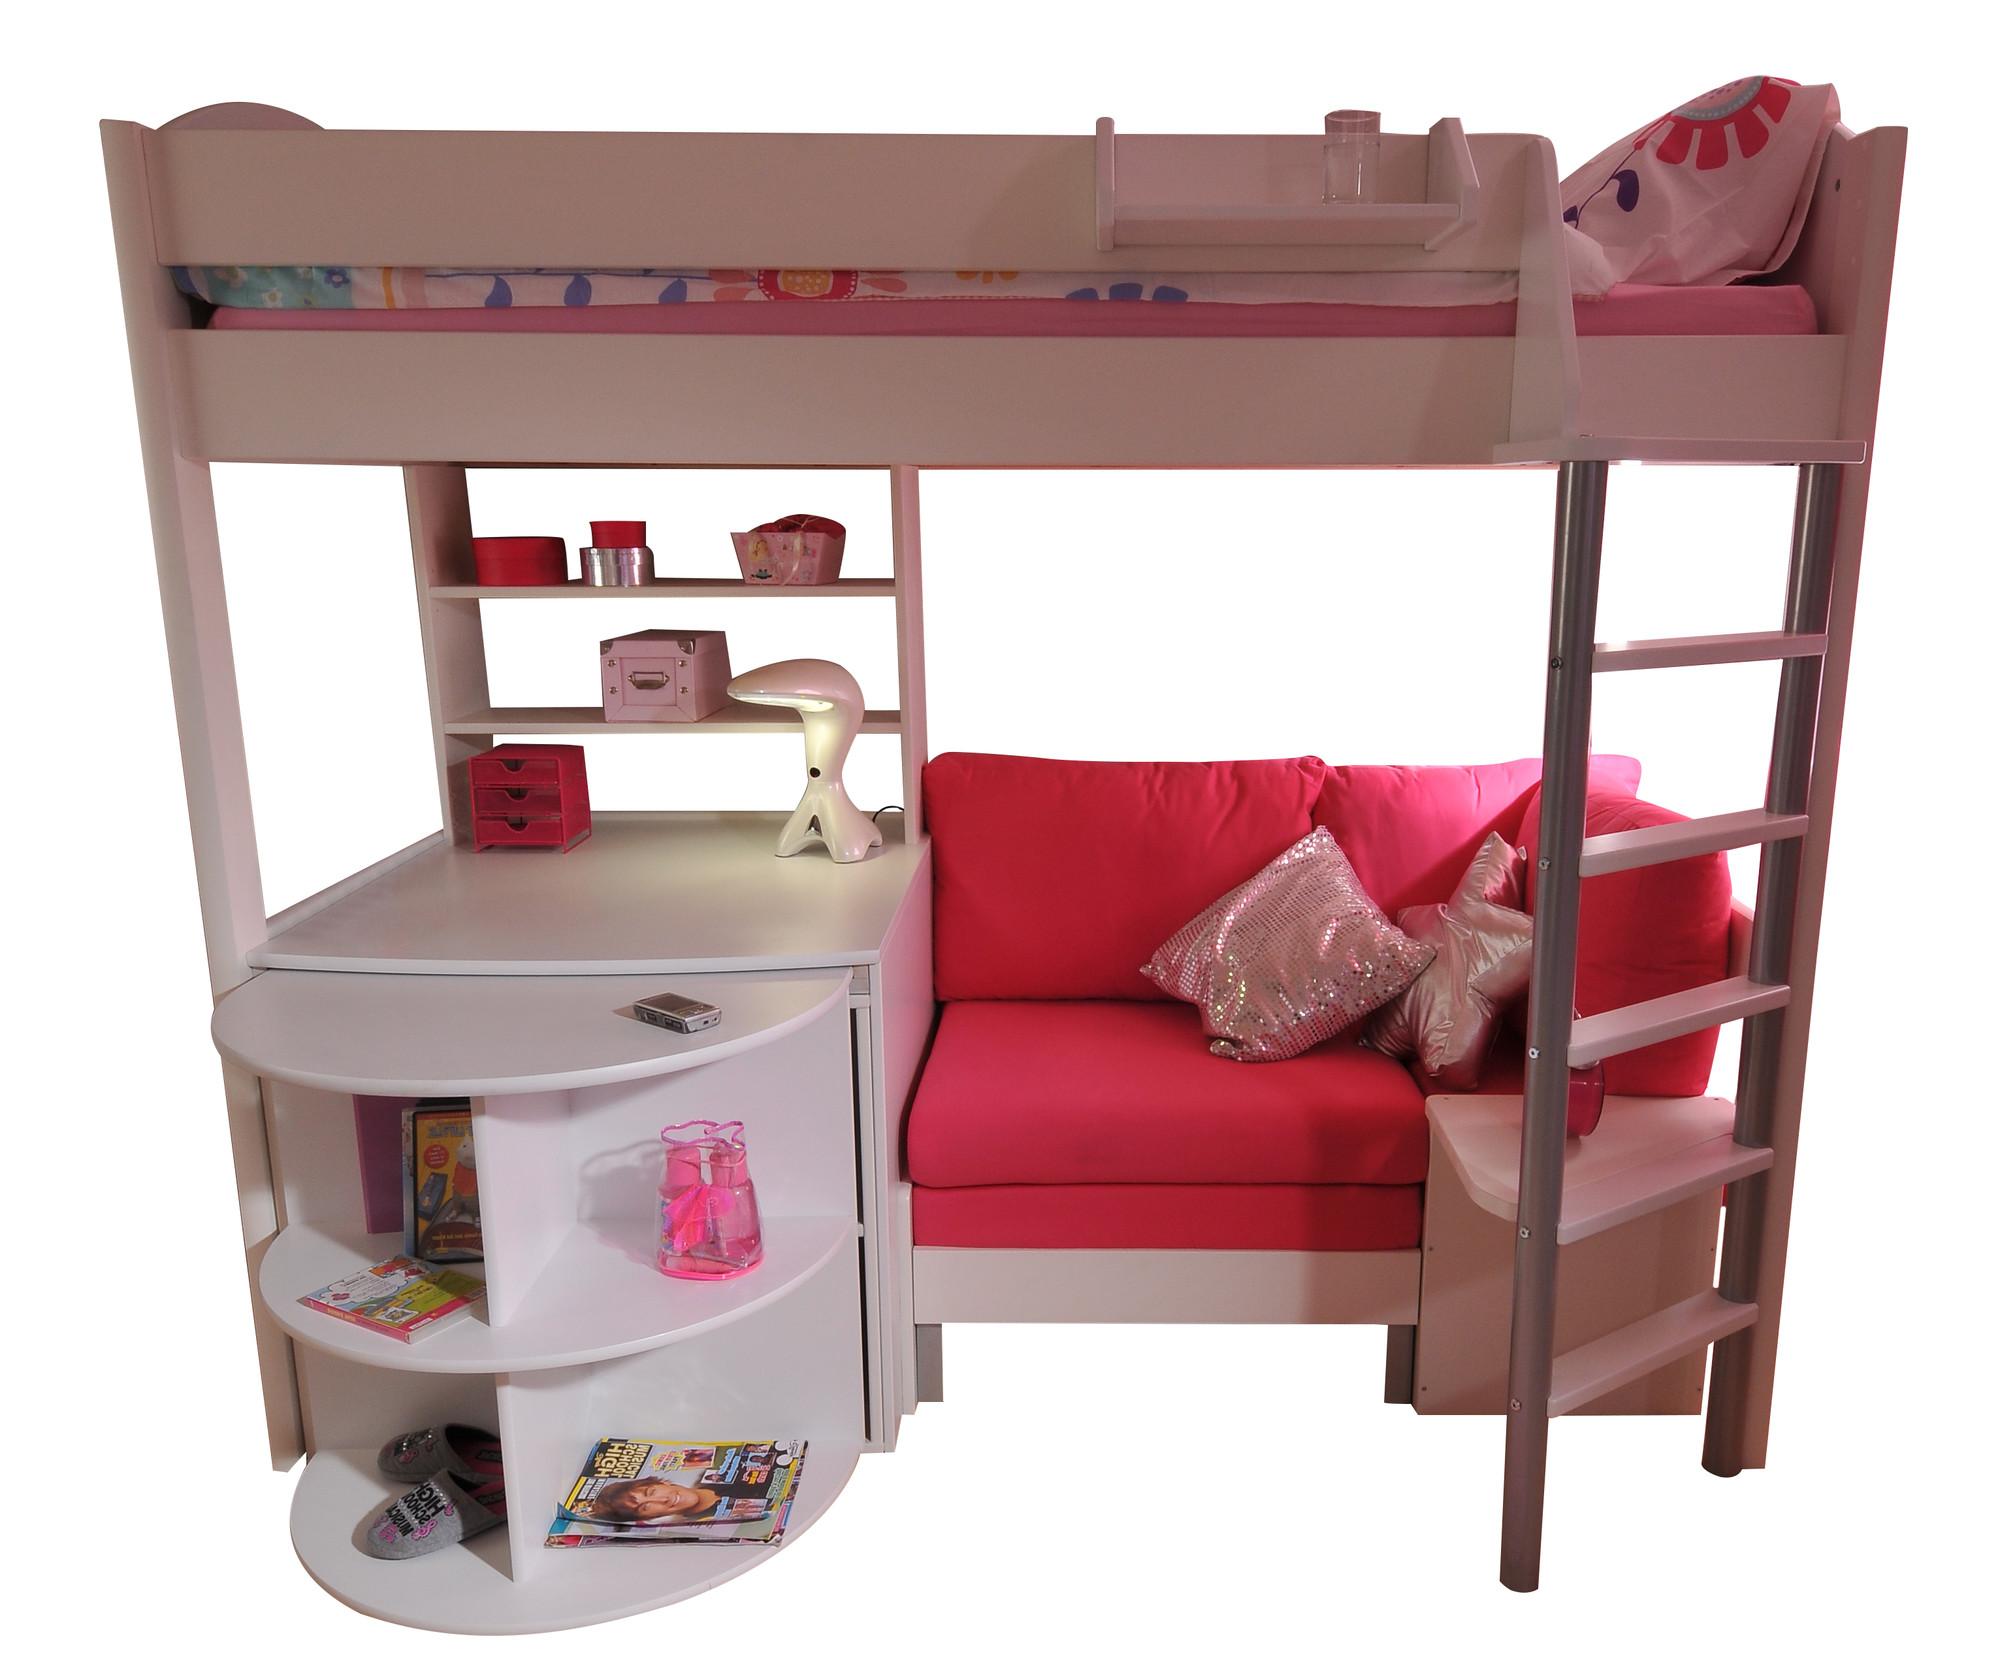 sleeper sofa bunk bed photo - 6